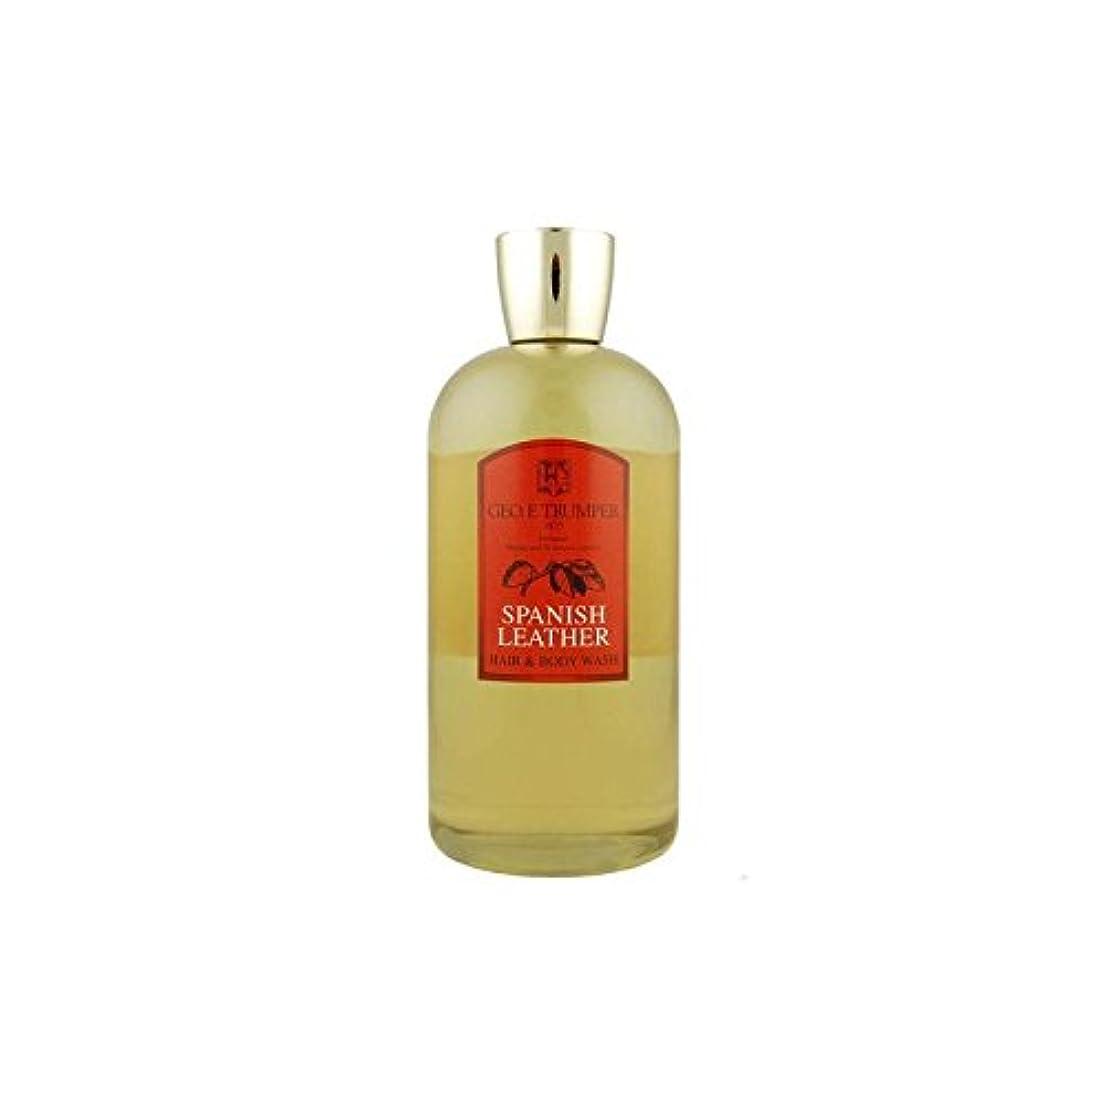 インレイ傘ブランド名Trumpers Spanish Leather Hair and Body Wash - 500mlTravel Bottle (Pack of 6) - 革の髪とボディウォッシュスペイン語 - 500ボトル x6 [並行輸入品]